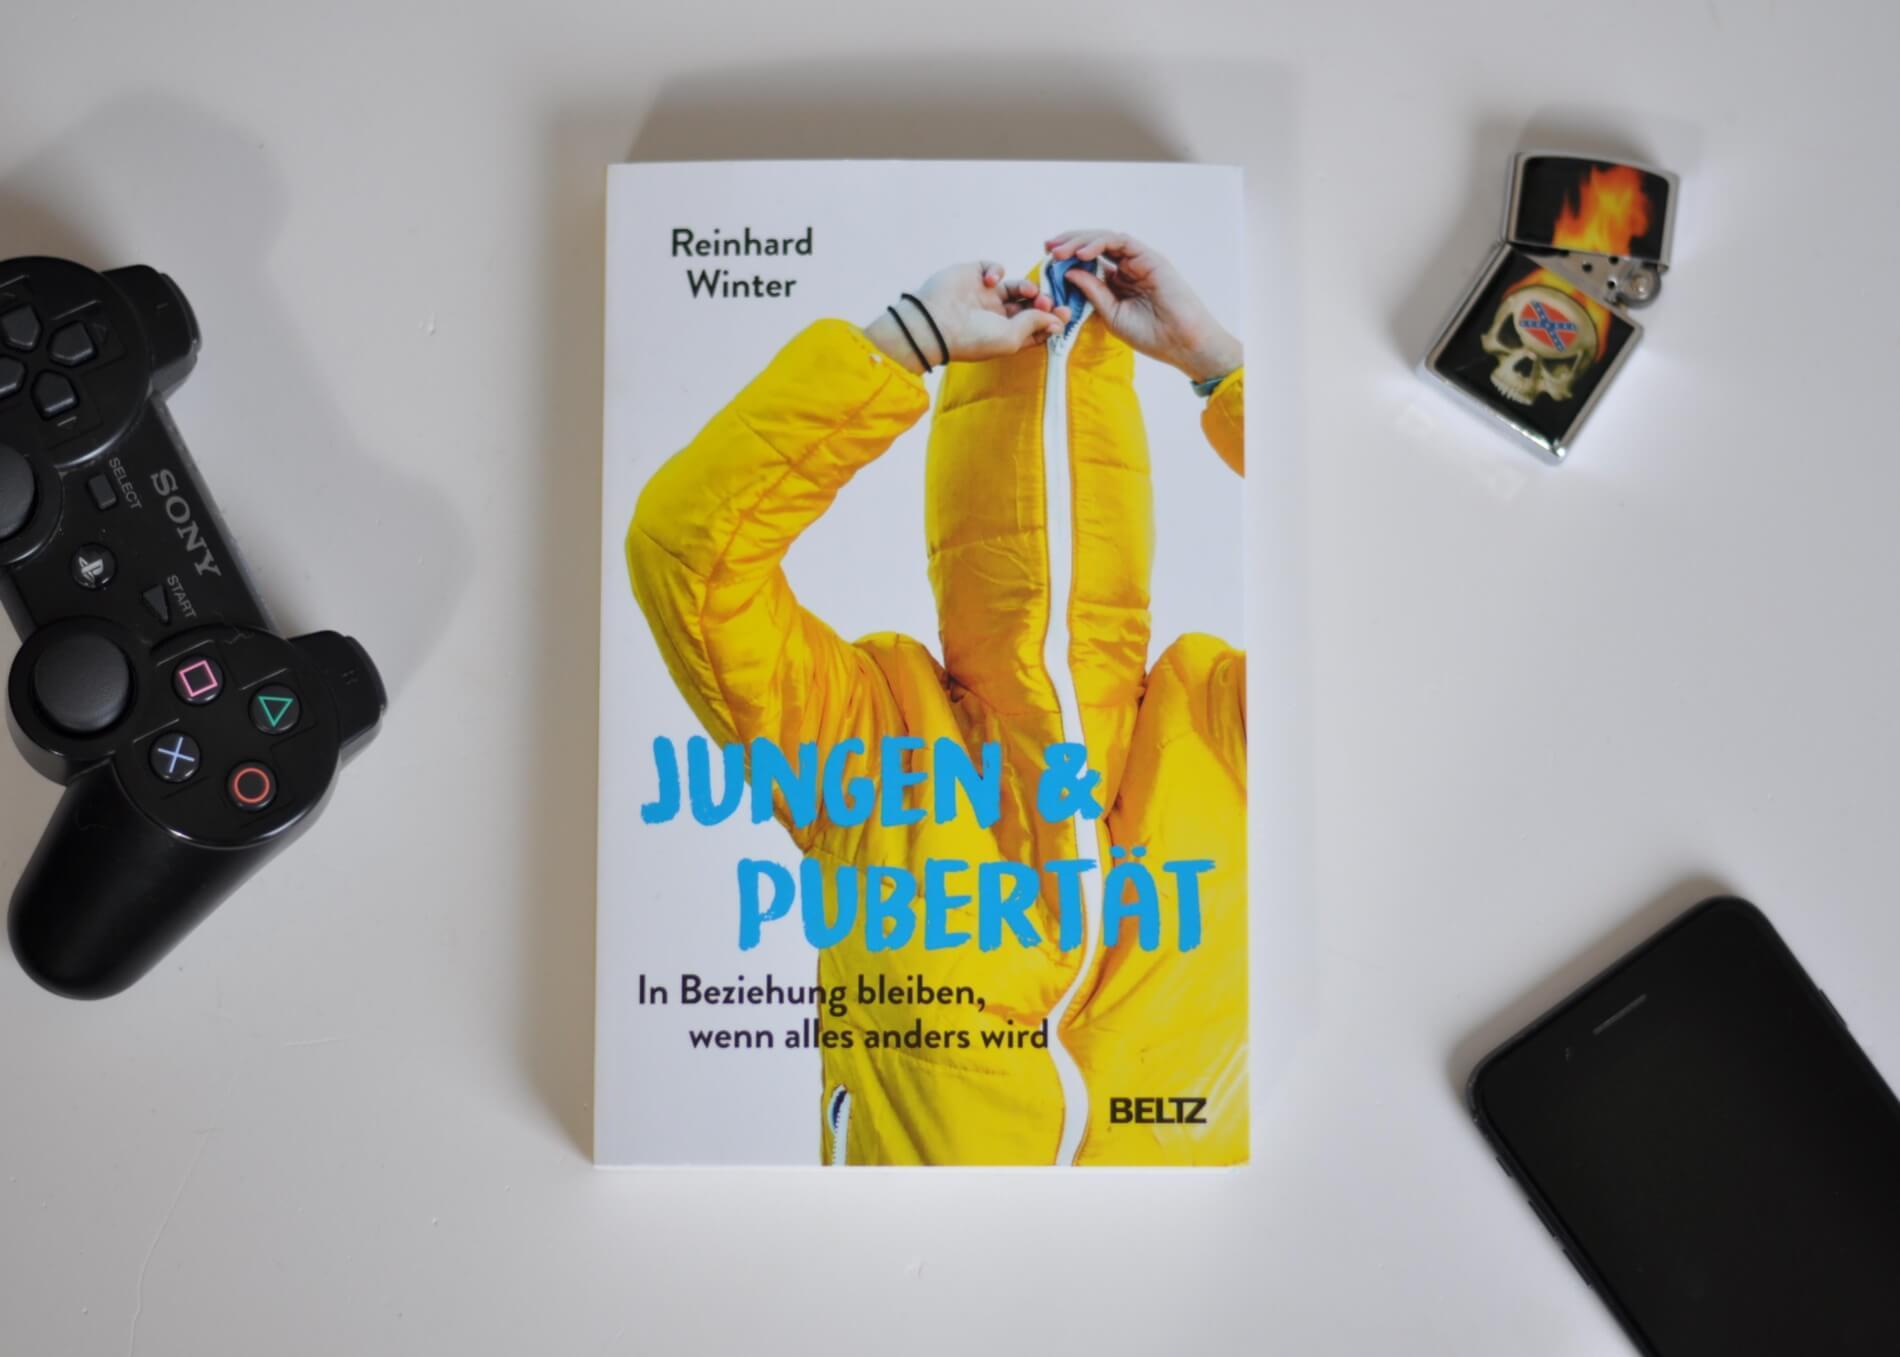 Der bekannte Jungen-Experte Reinhard Winter gibt Antworten auf alle Pubertätsfragen, die speziell mit Jungen entstehen. Er beschreibt dabei nicht nur, welche Prozesse in Gehirn und Körper vor sich gehen, sondern arbeitet die zehn wichtigsten Dinge heraus, über die Eltern mit ihren Söhnen reden sollten, um in Beziehung zu bleiben: Vertrauen und Aggressionen, Medien- und Risikoverhalten, Sucht und Sex. #pubertät #jungsmama #jungseltern #ratgeber #jugen #sohn #pubertätsfragen #verhalten #ratschlag #medienkonsum #männlichkeit #hormone